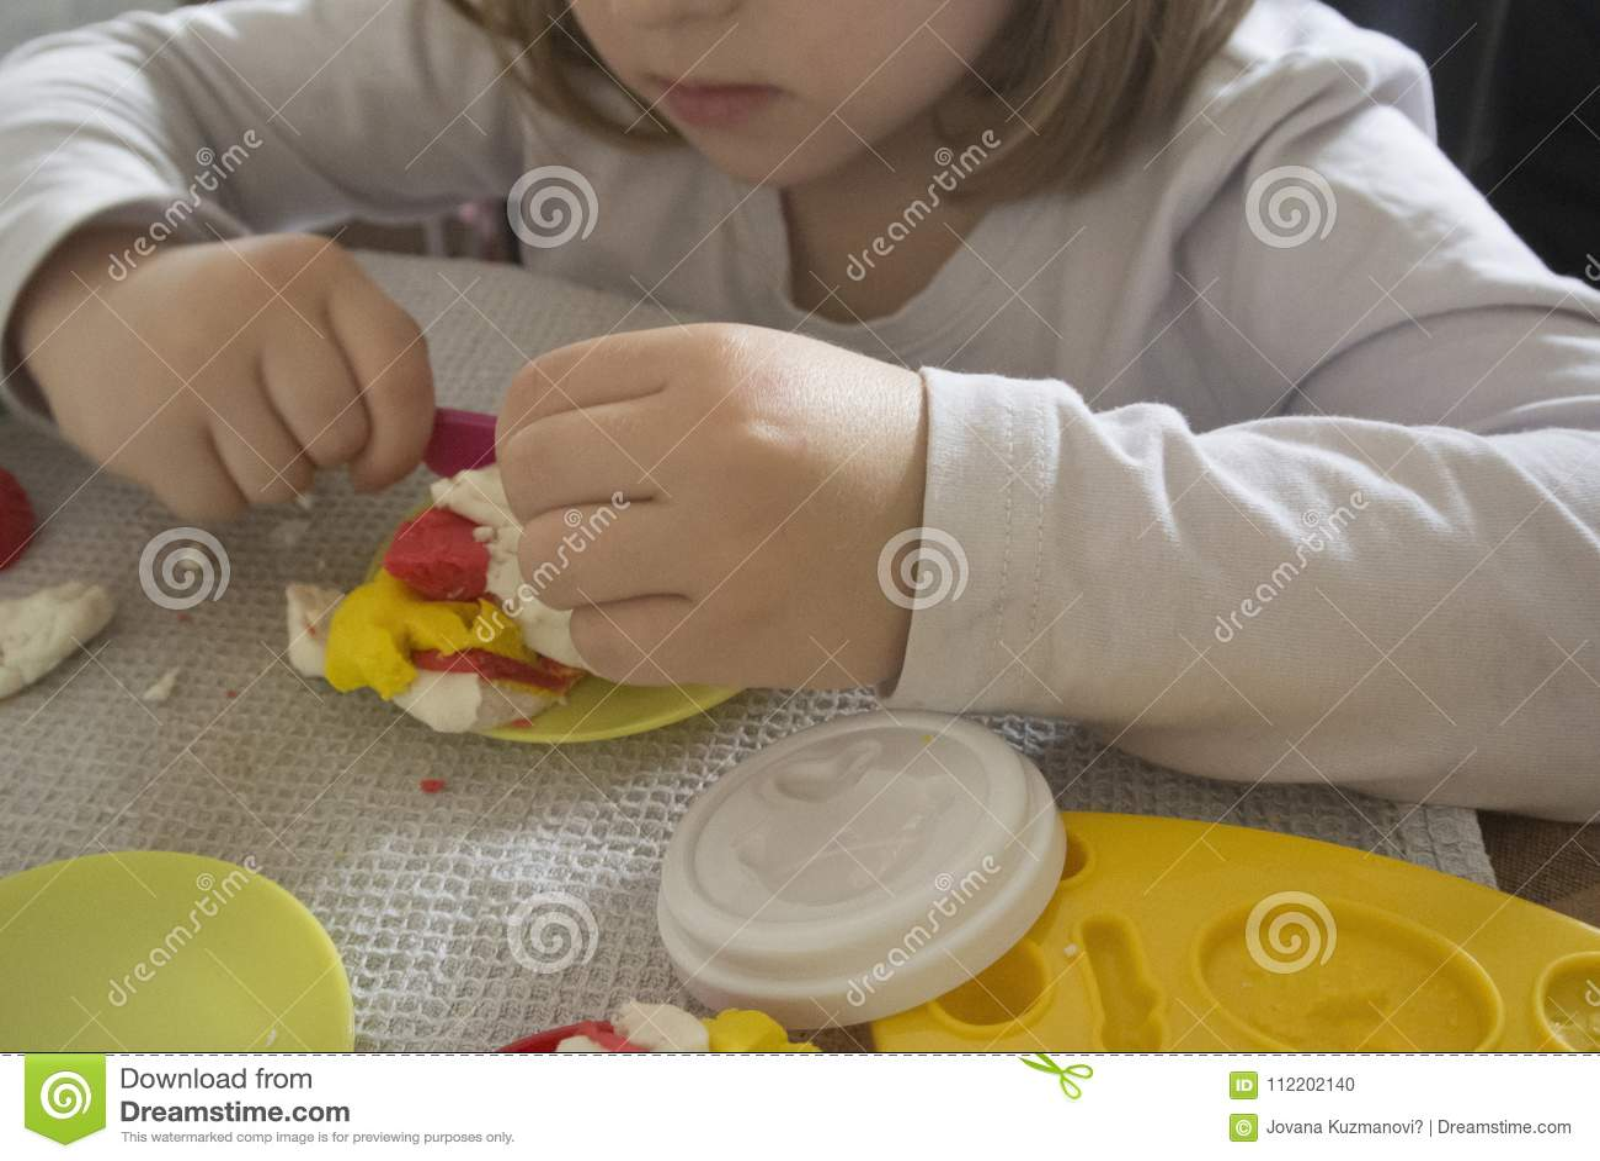 Ребенк играя с пластилином